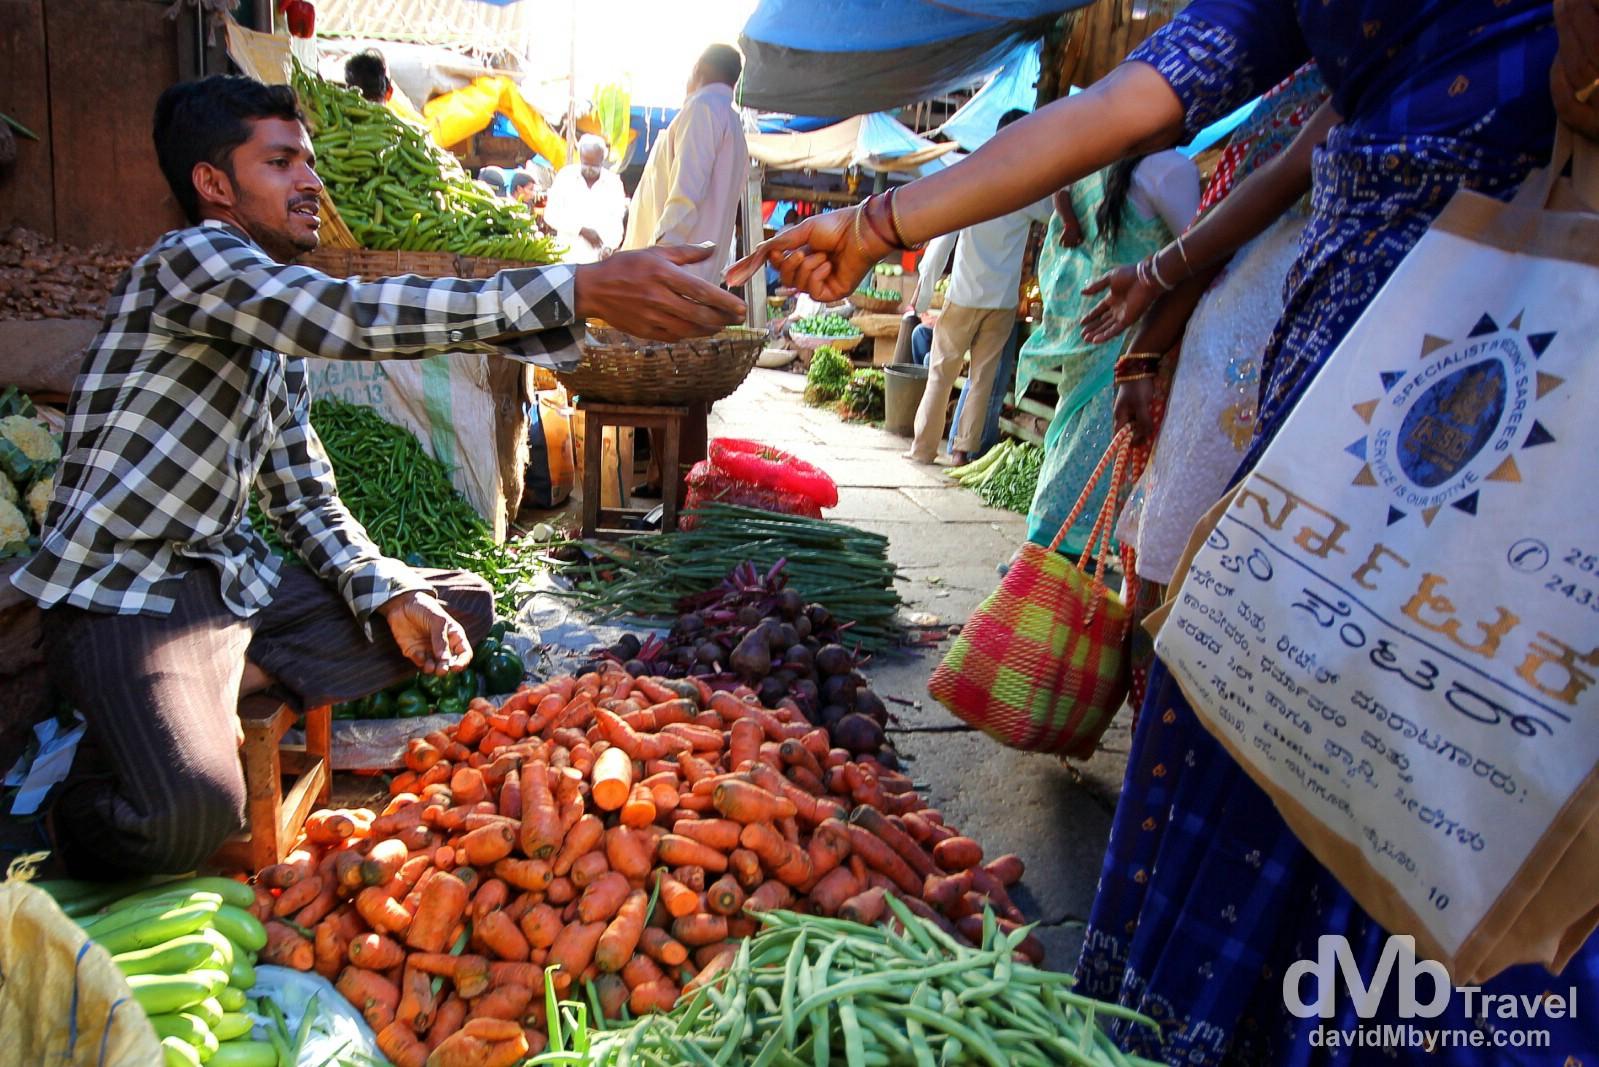 Devaraja Market, Mysore, Karnataka, India. September 21st 2012